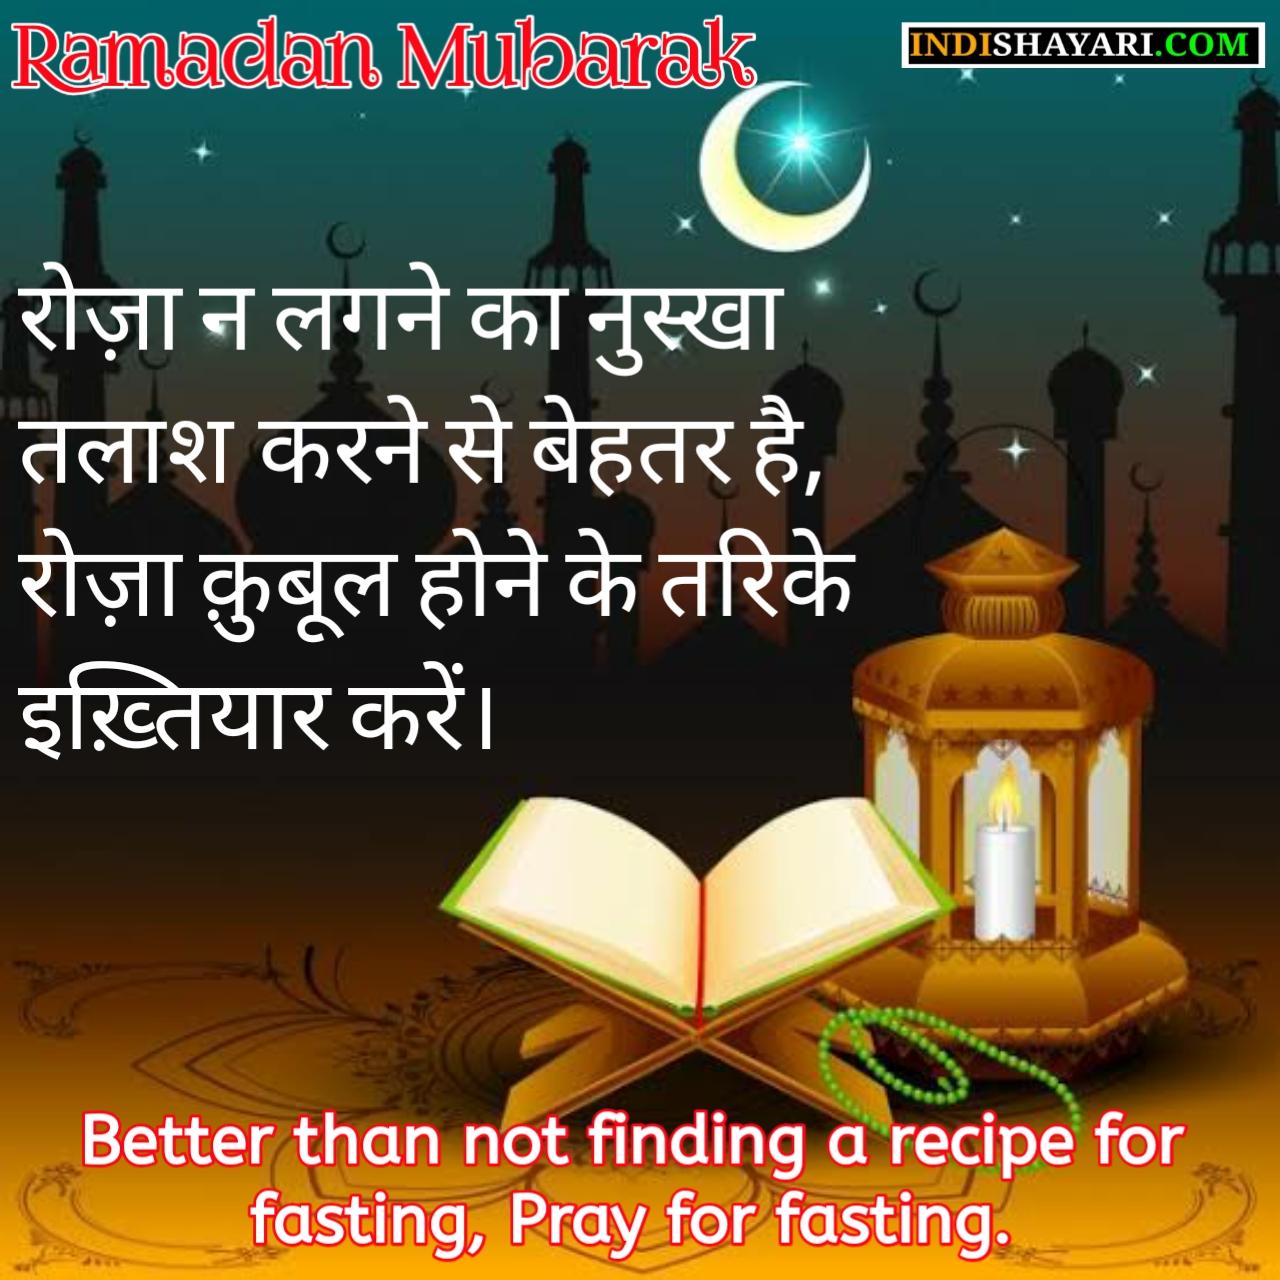 Ramadan Mubarak, Ramzan Mubarak , ramadaan status , Ramadan whises, Ramzan whishes , Ramdan kareem , ramdaan greetings status, ramdaan whatsapp status